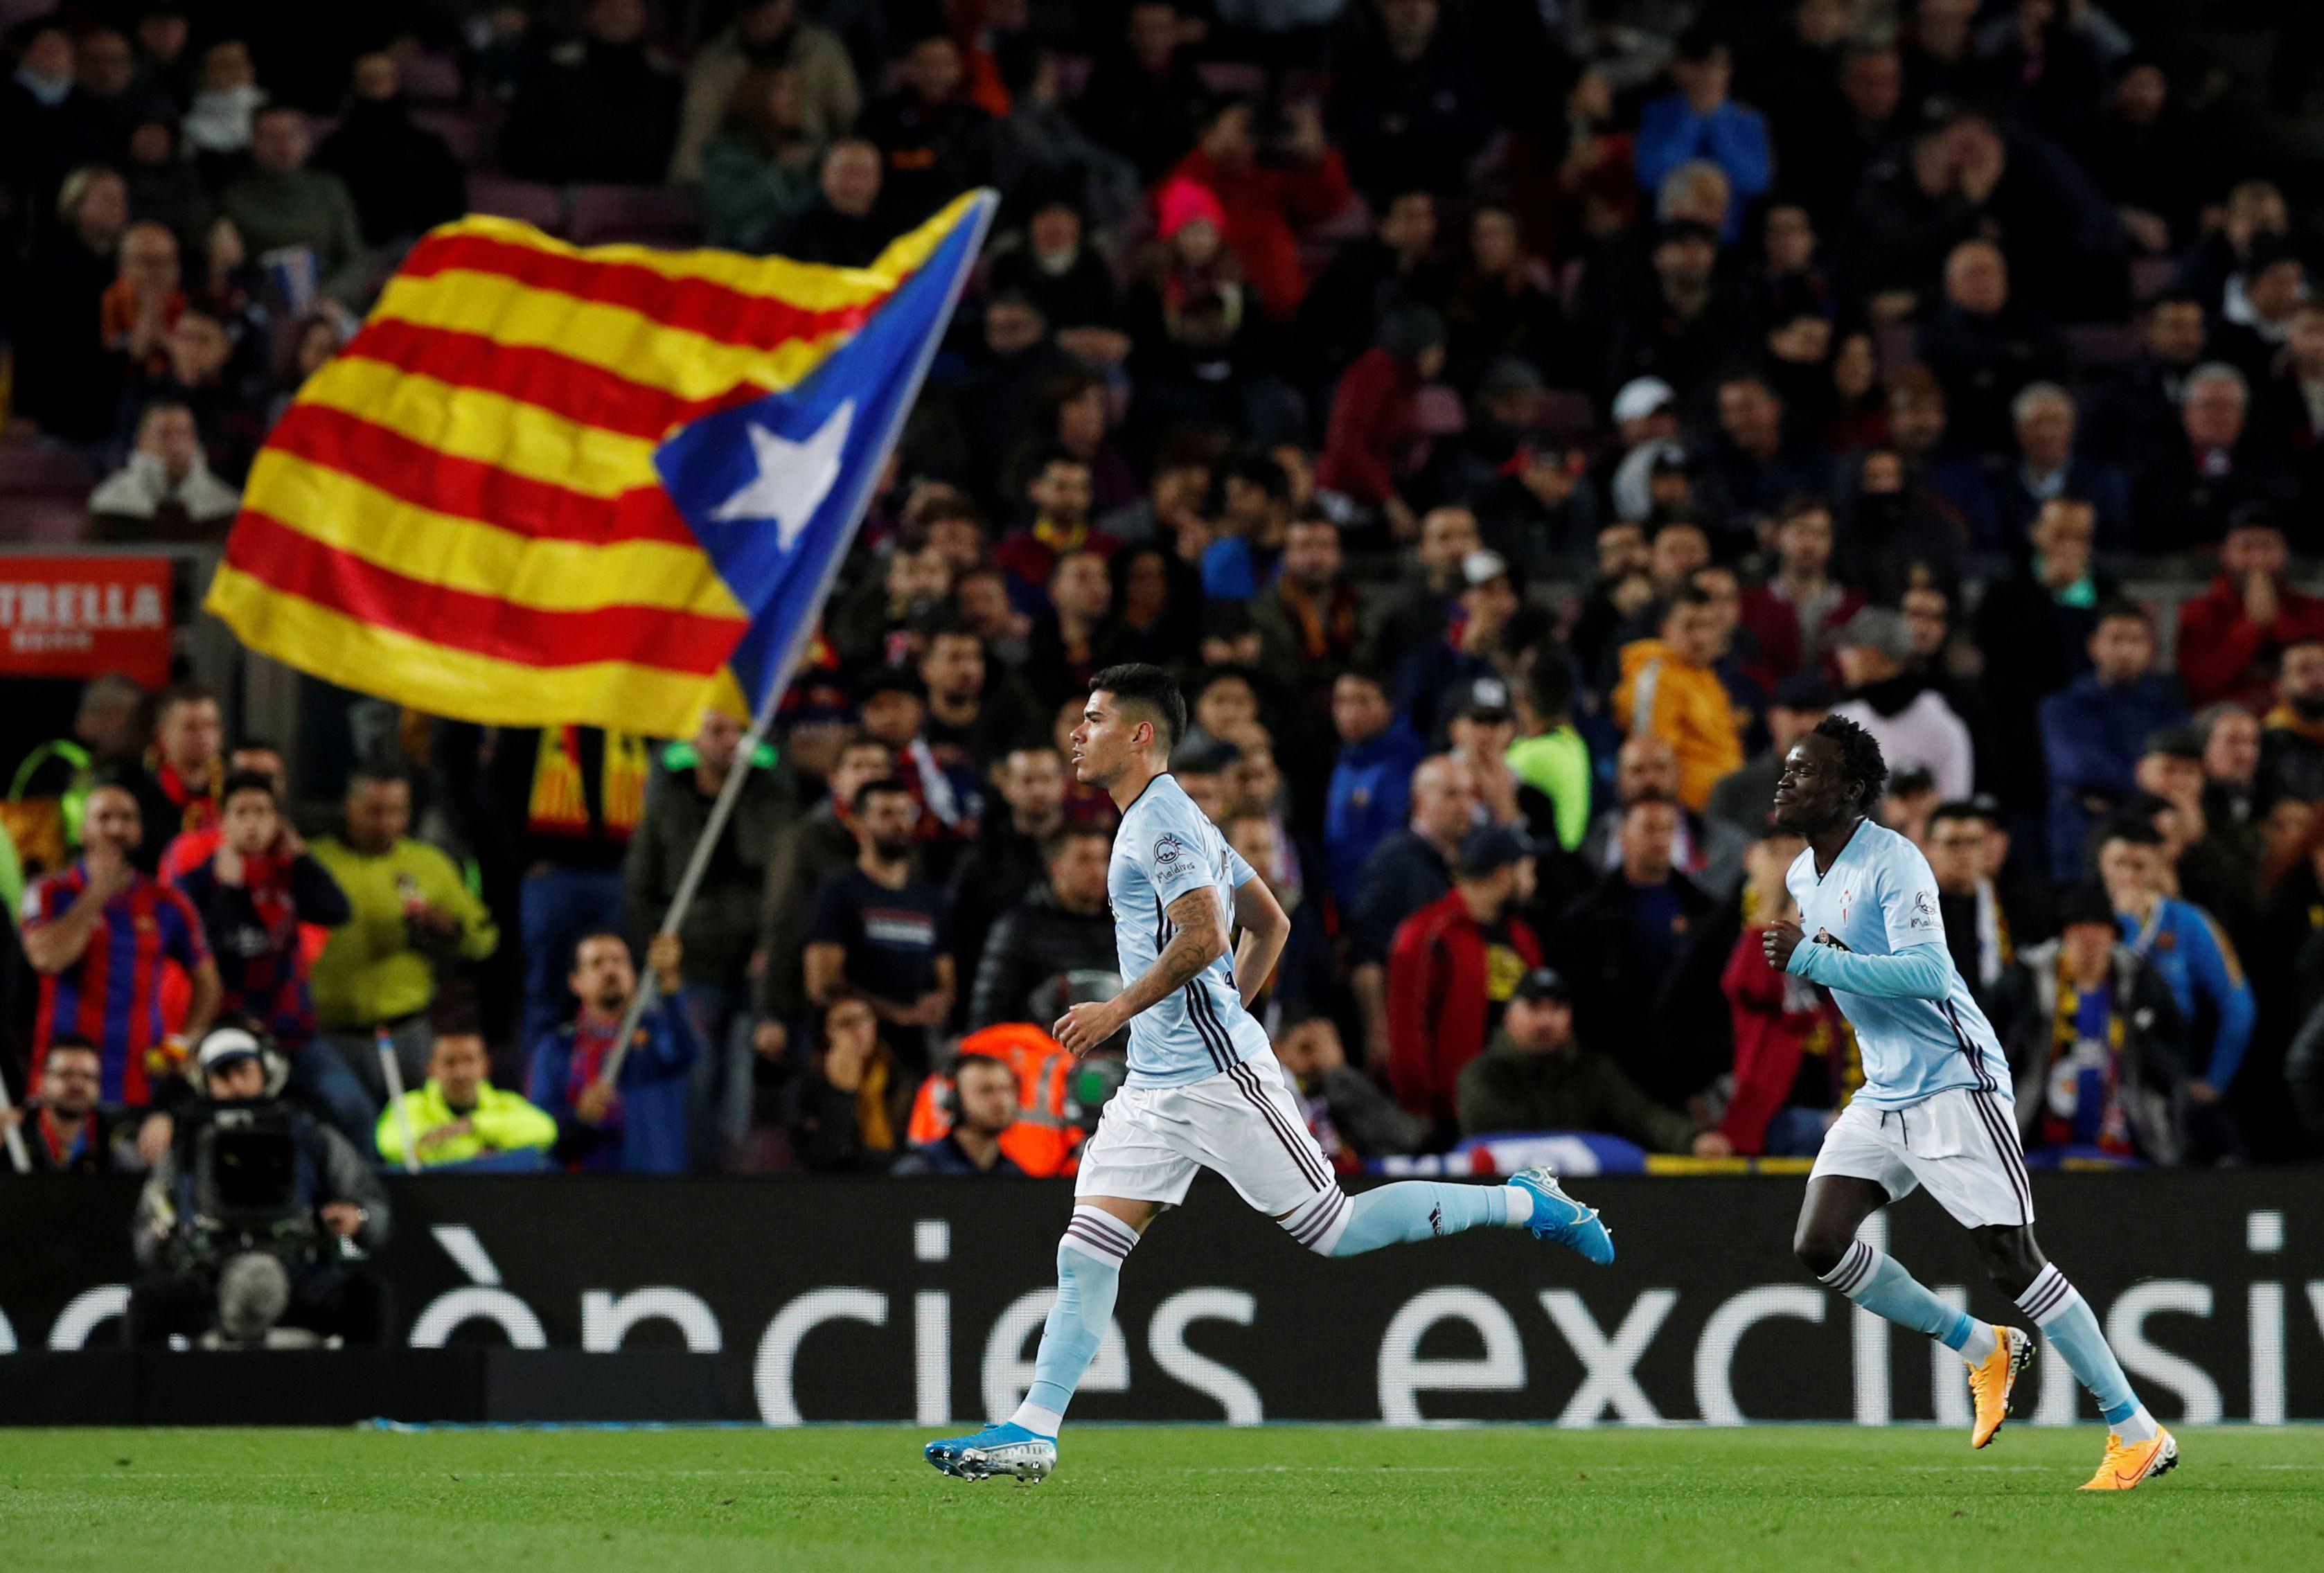 En Celta de Vigo se encuentra desde enero de 2019. En el equipo español marcó un gol, en el Camp Nou y frente al Barcelona (REUTERS/Albert Gea)